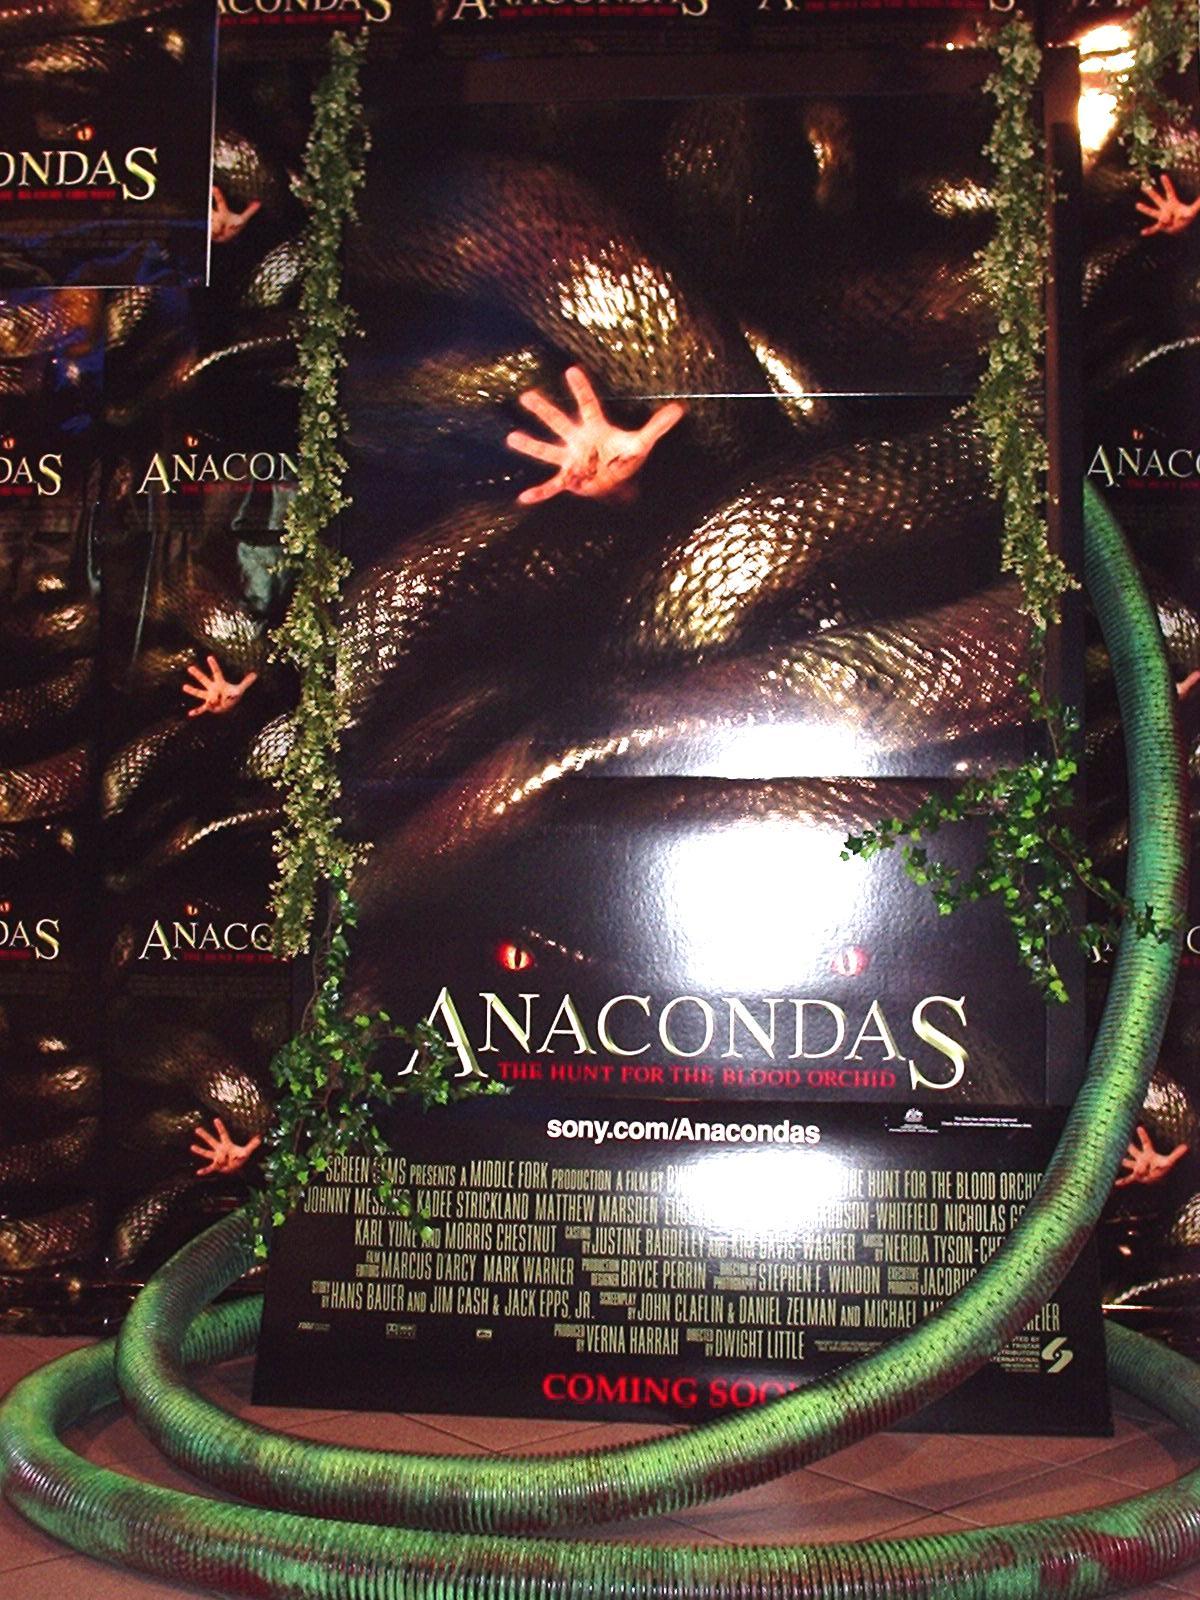 Anacondas GU Morley 2